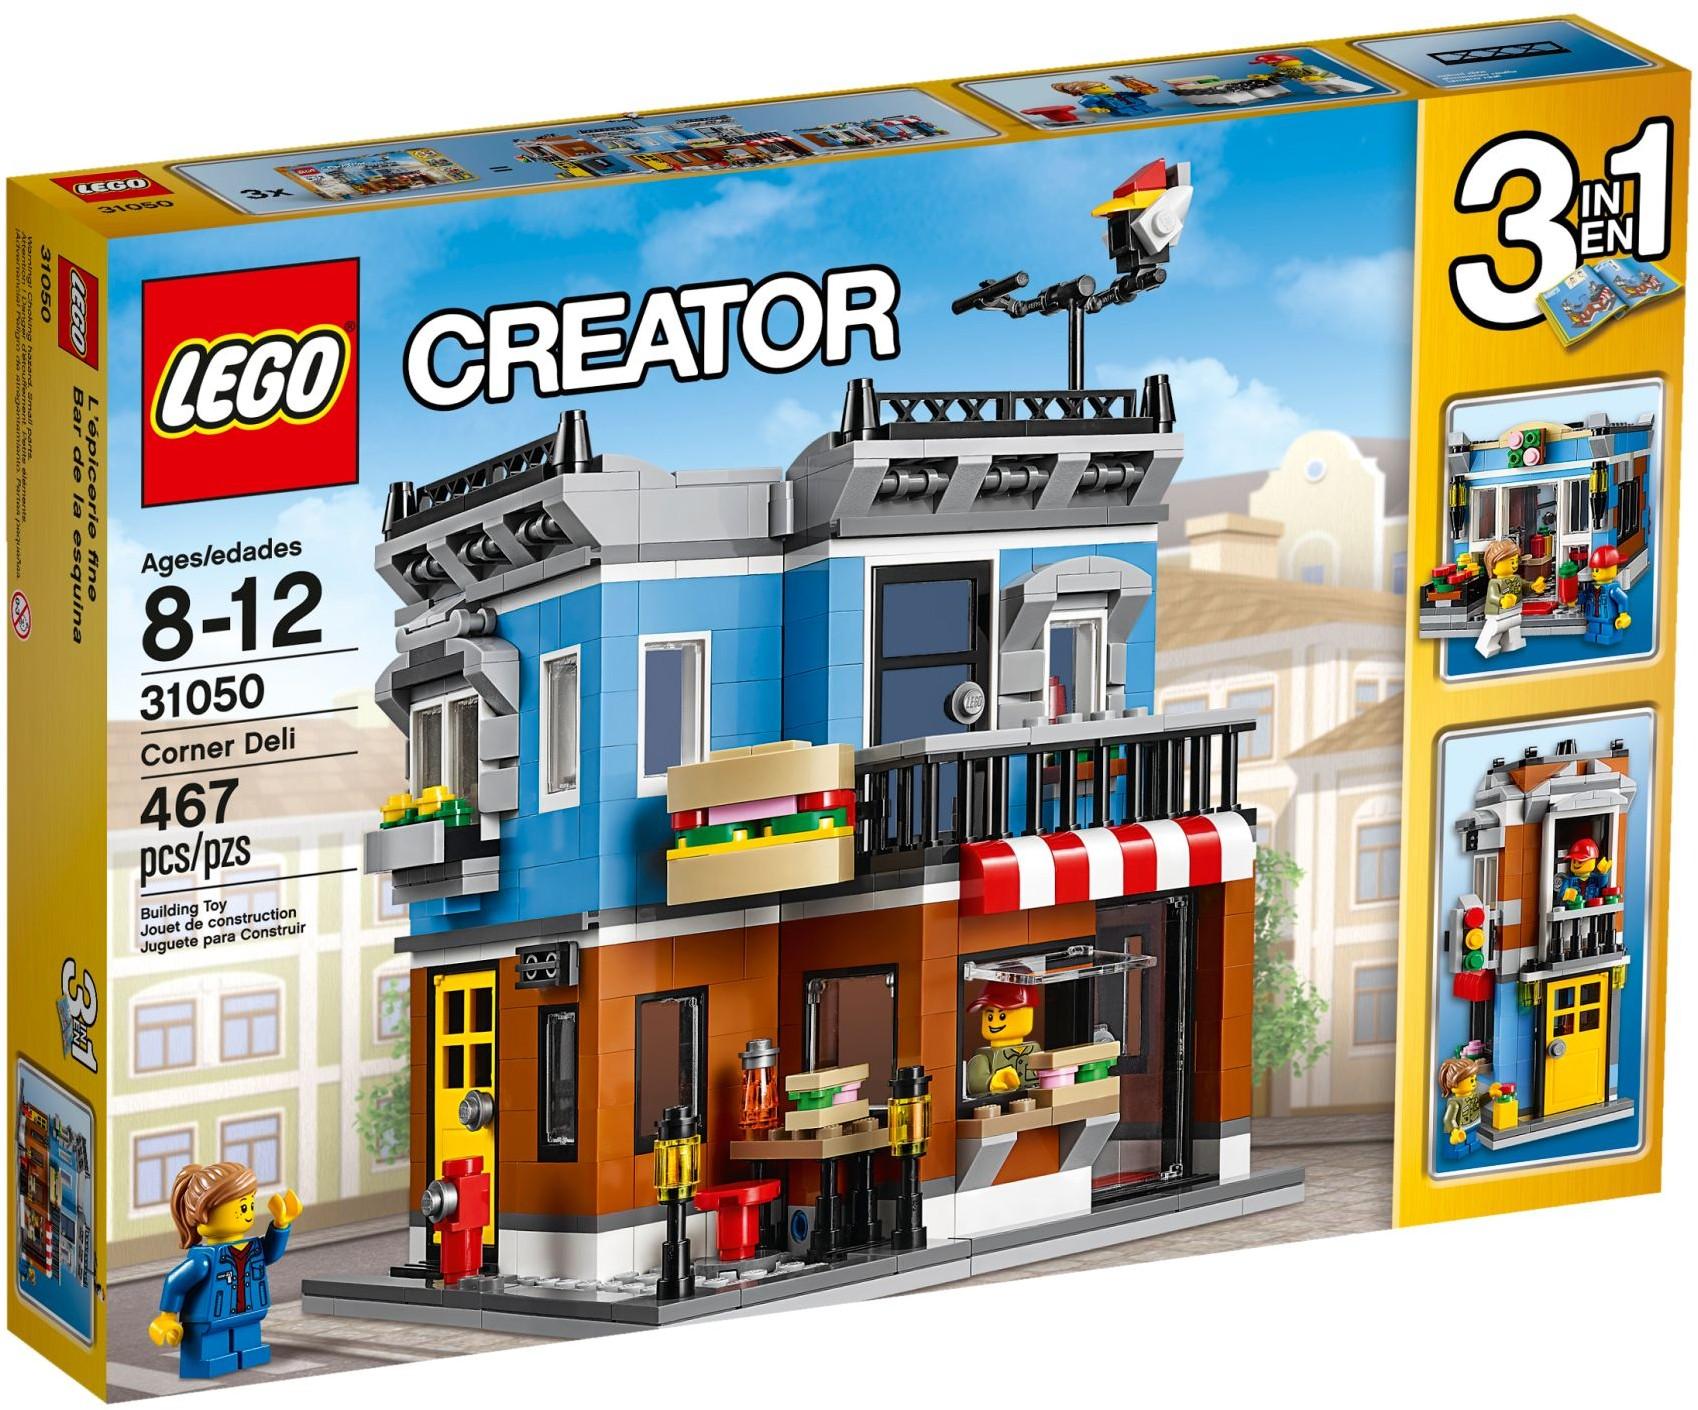 LEGO # 31050 CREATOR Corner Deli